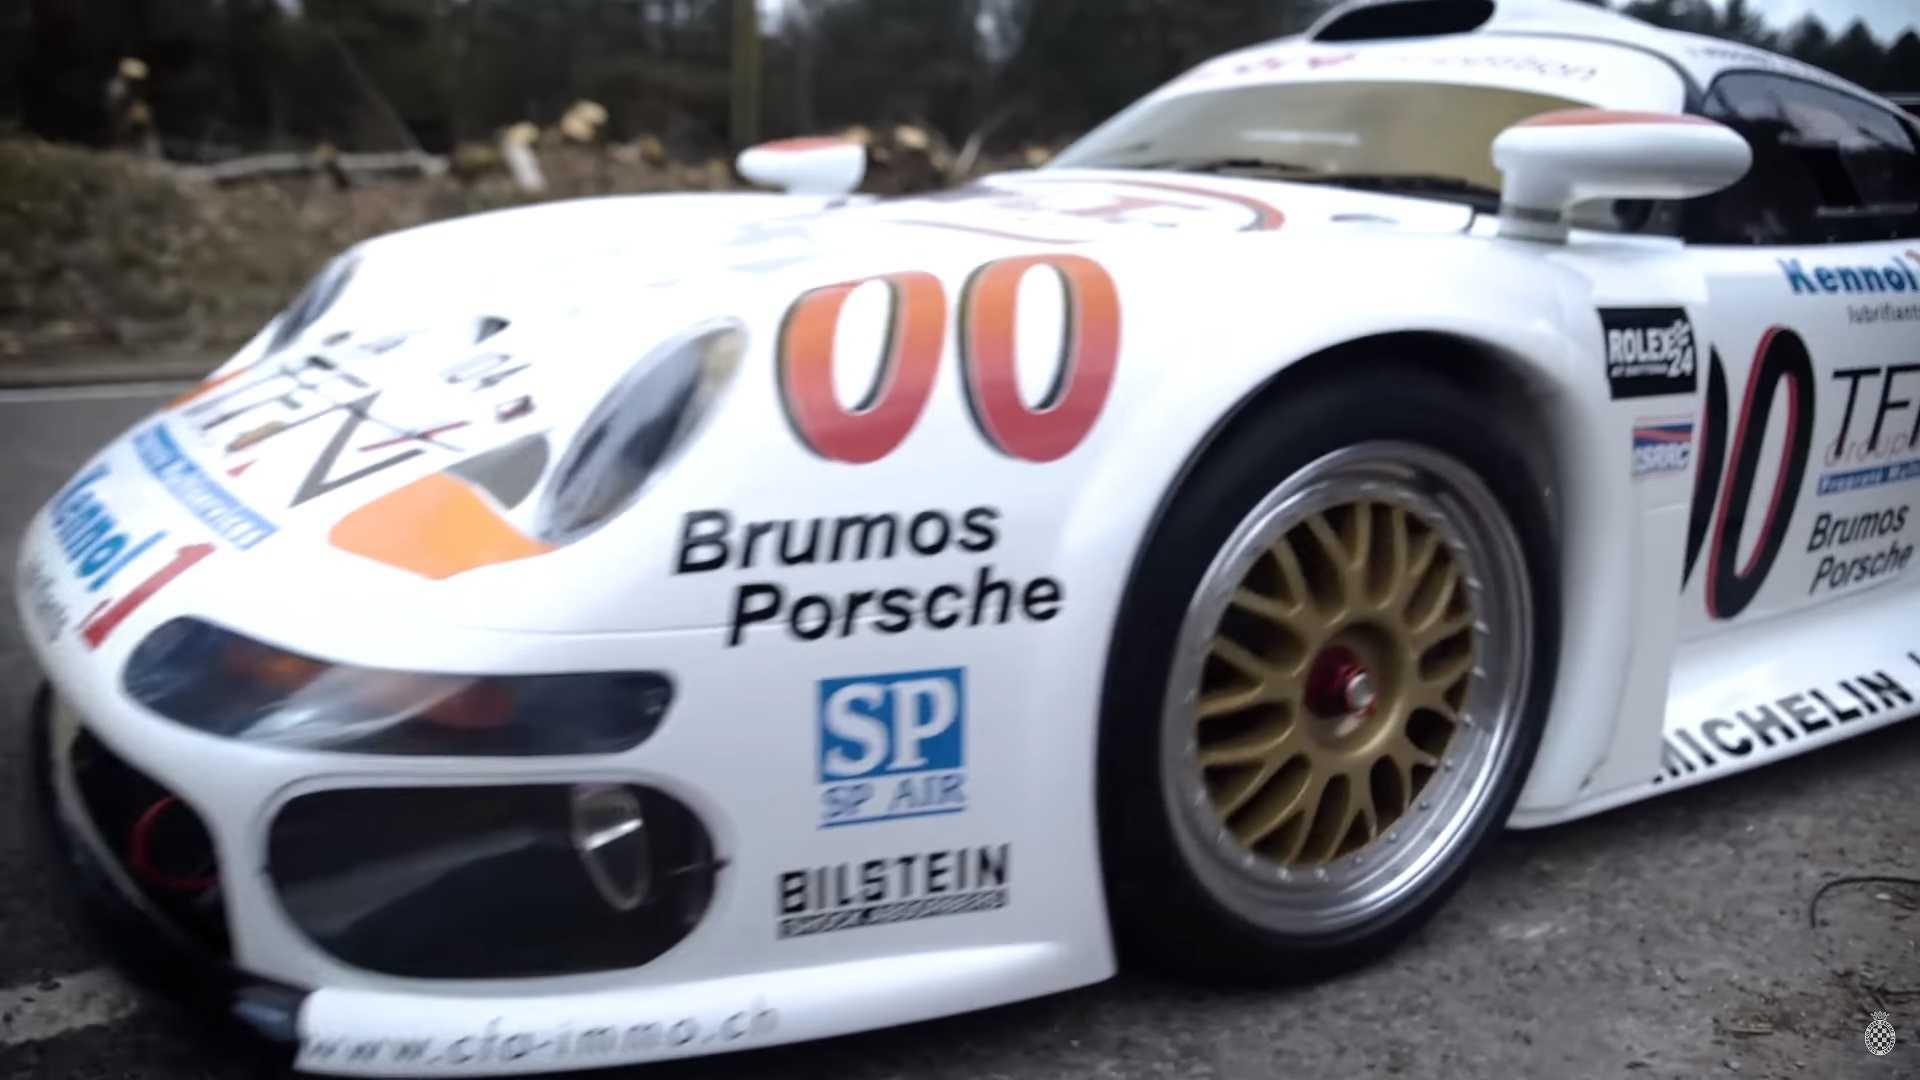 street-legal-porsche-911-gt1 Terrific Porsche 911 Gt1 98 Road Car Cars Trend